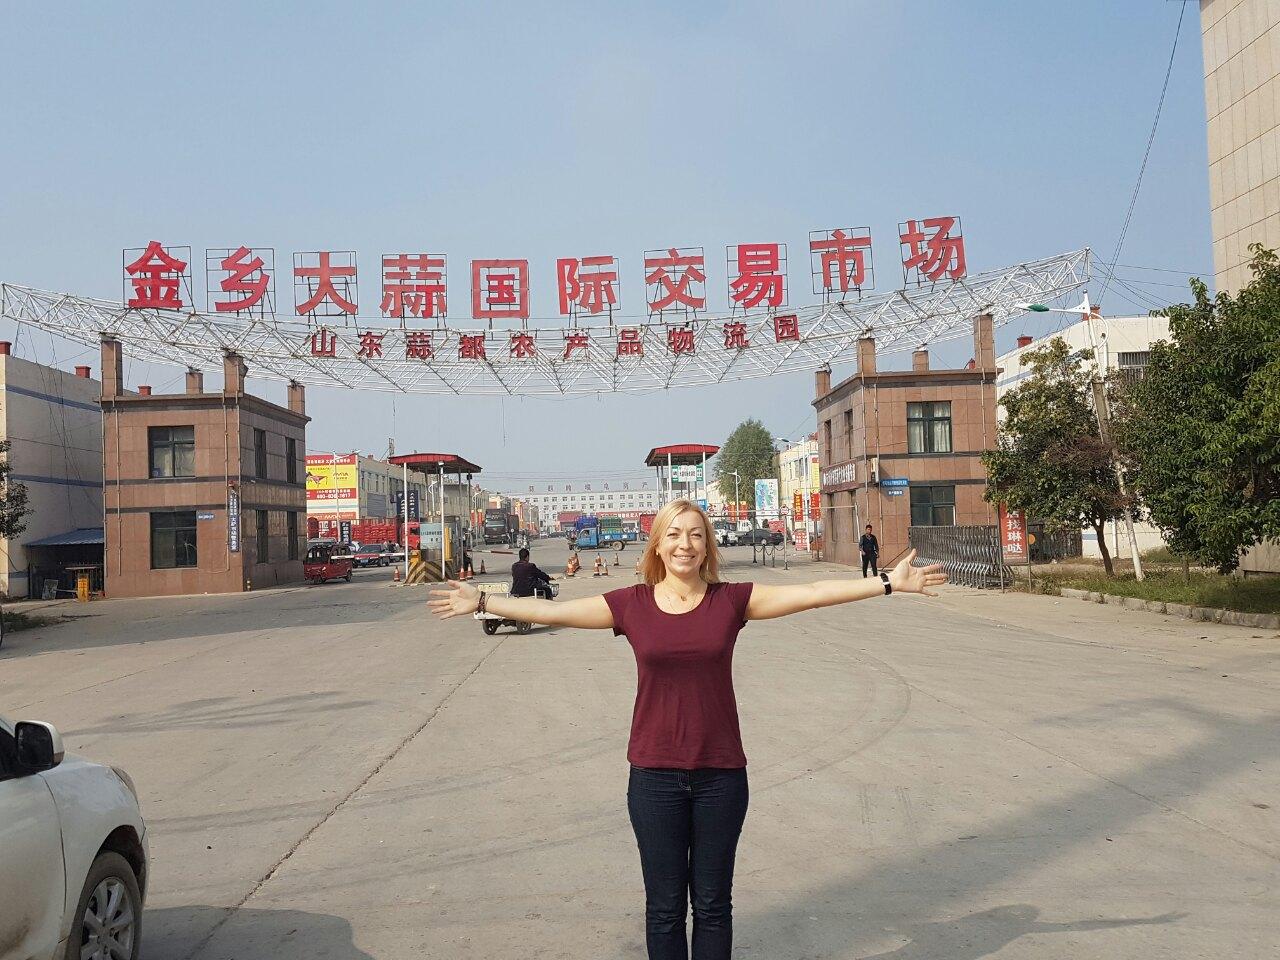 рынок чеснока в Китае, Шандунь, Цзиньсян